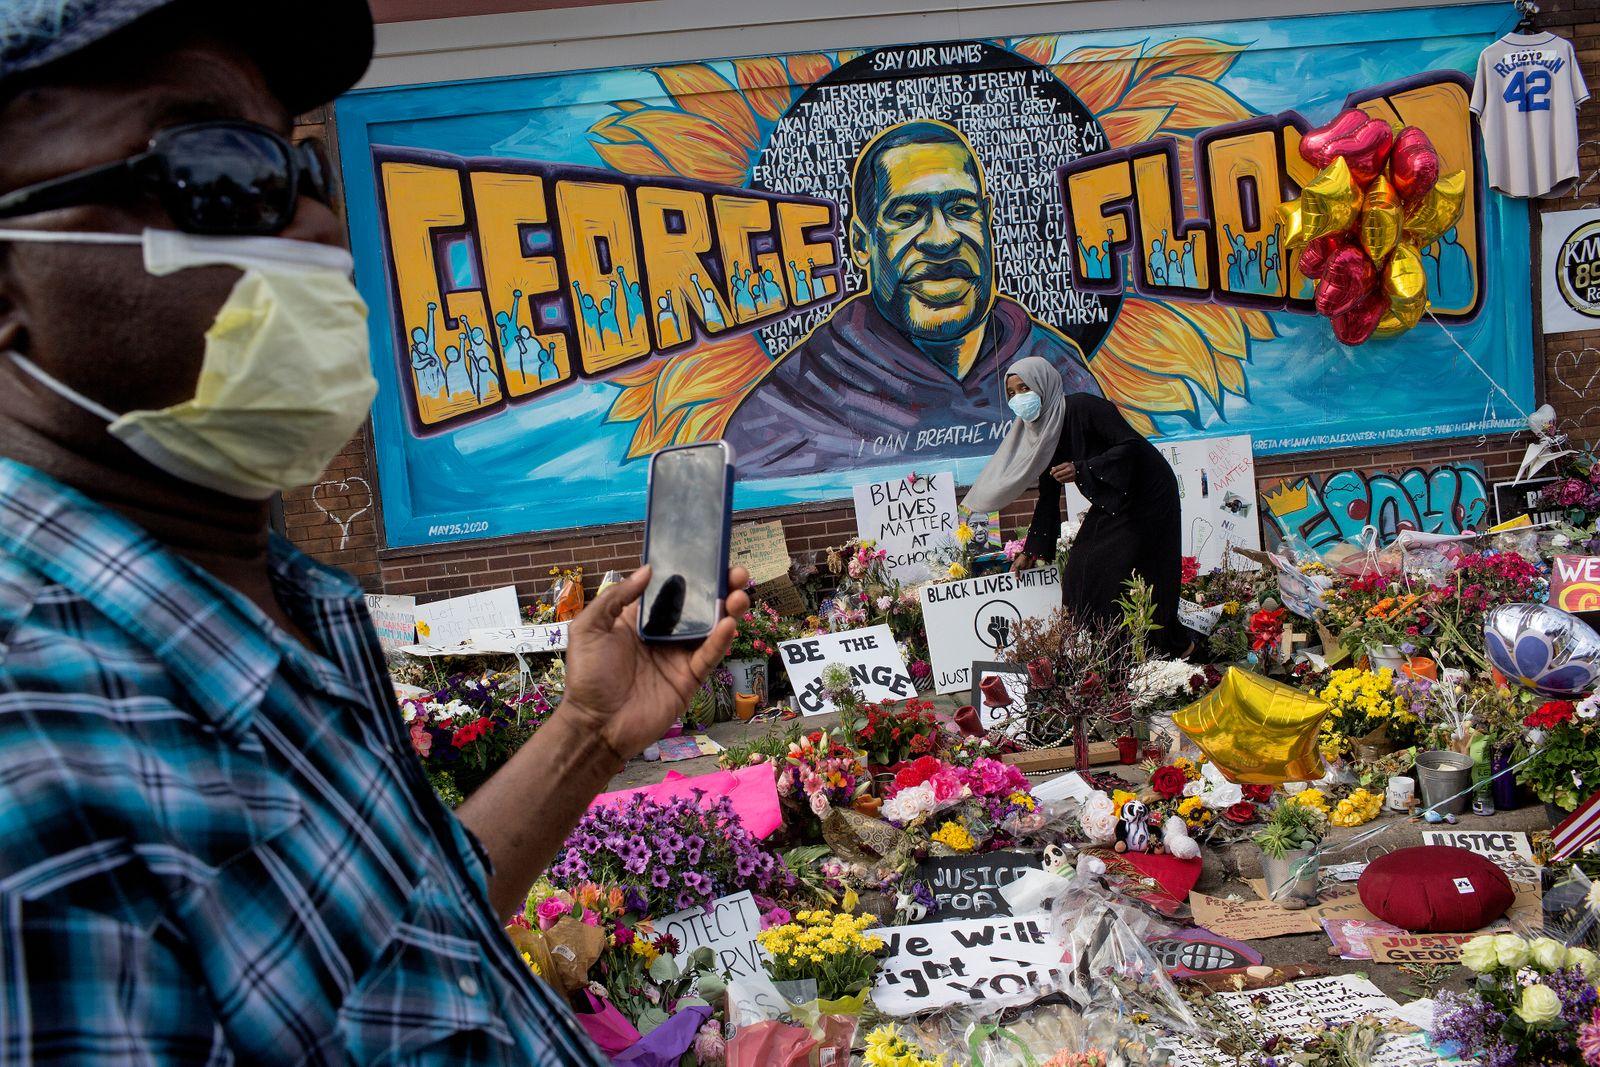 George Floyd memorial site in Minneapolis